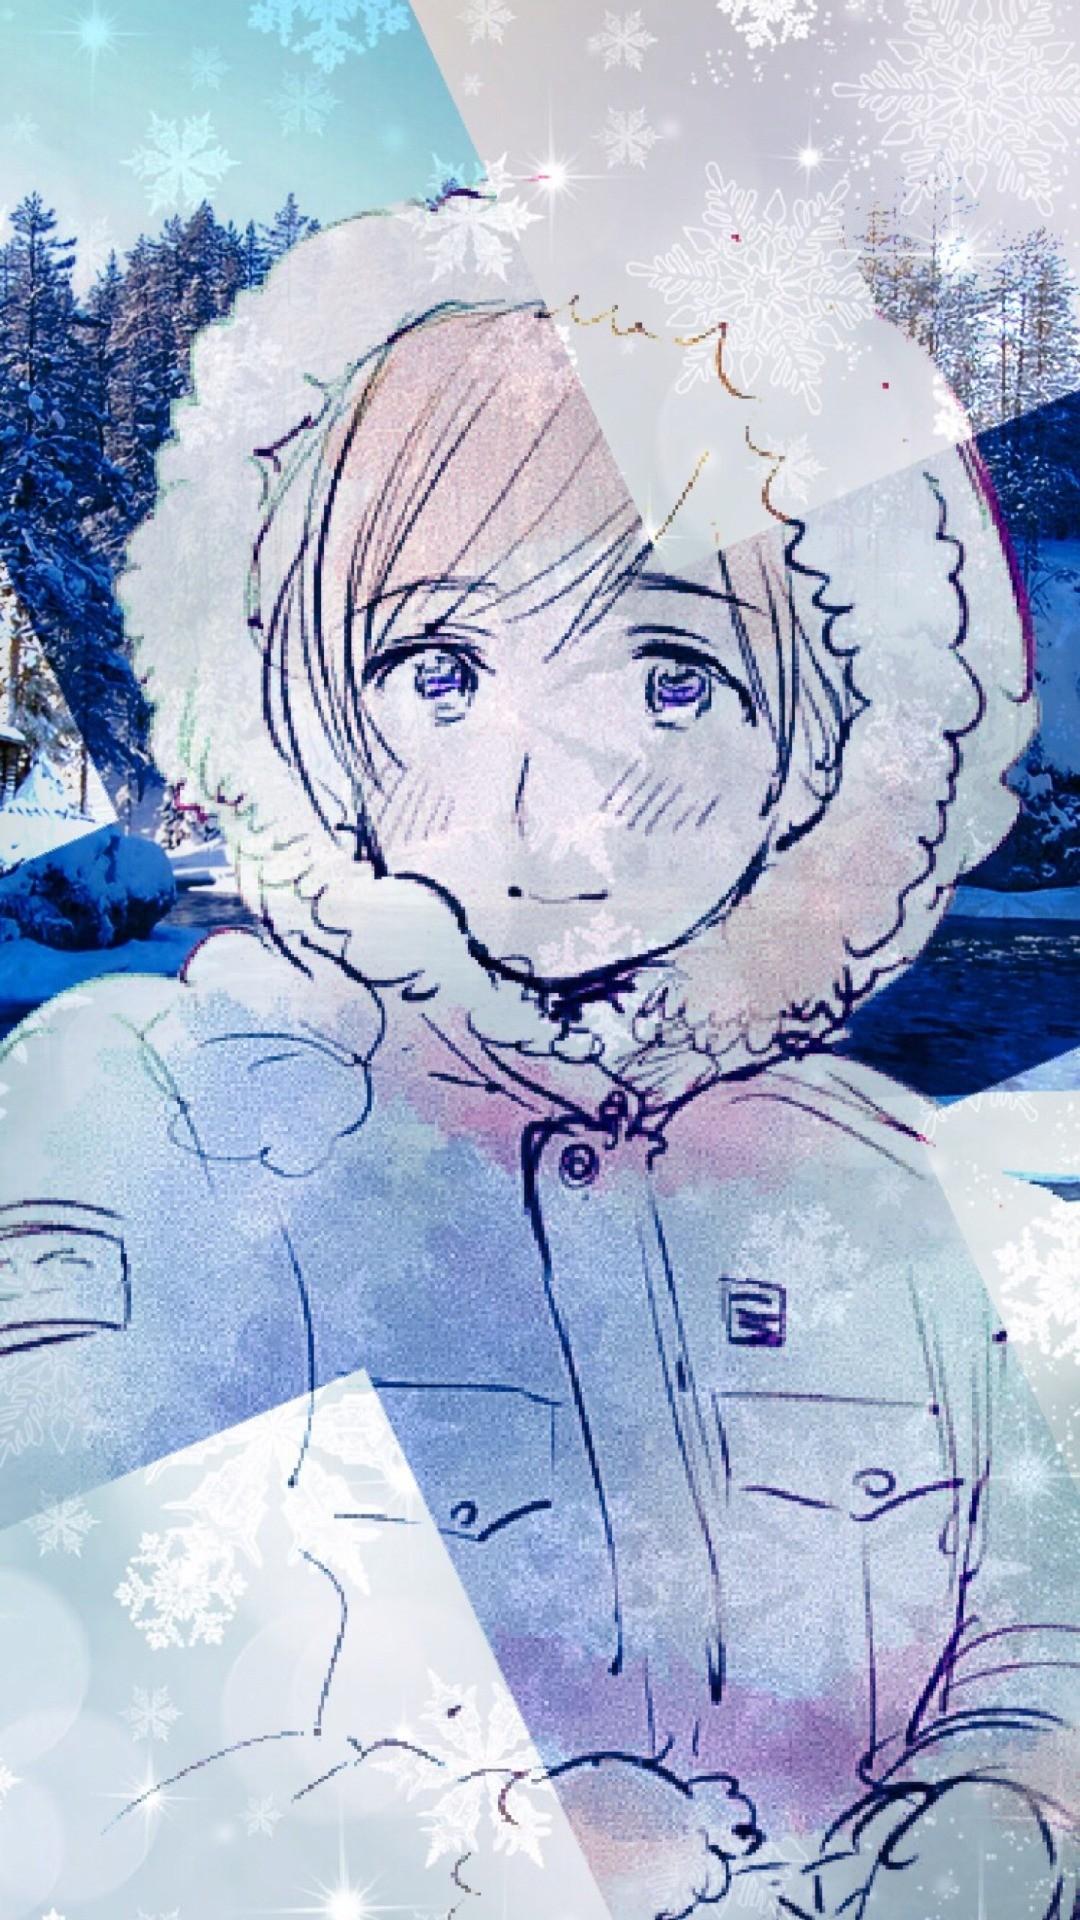 Hetalia Edits — Nordics Winter iPhone Wallpapers~ The Nordics ©.